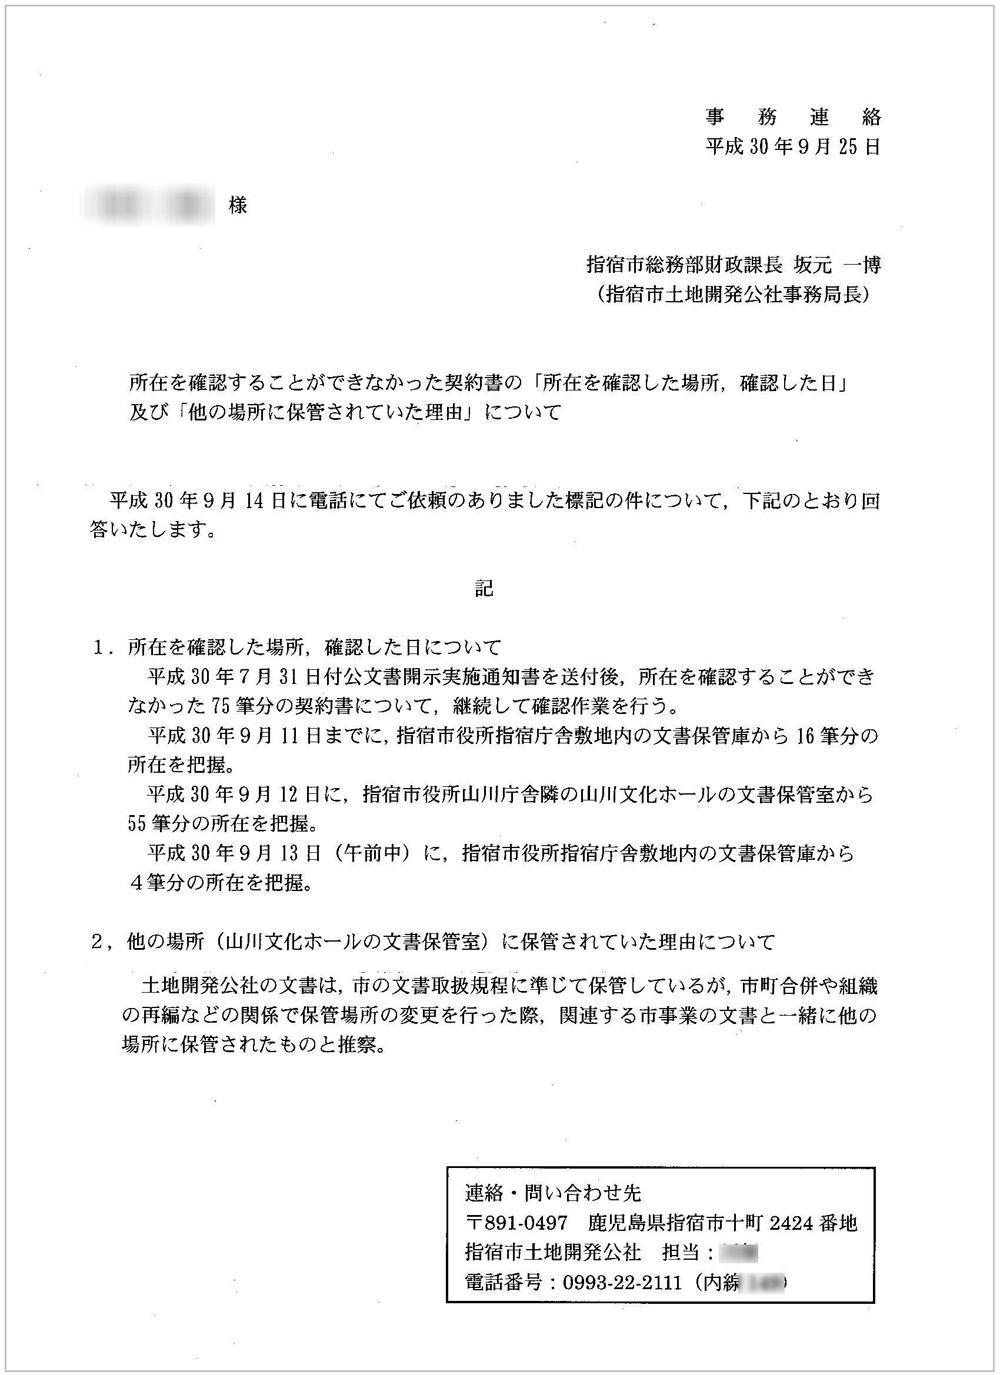 http://hunter-investigate.jp/news/2018/10/02/20181002_h01-02.jpg